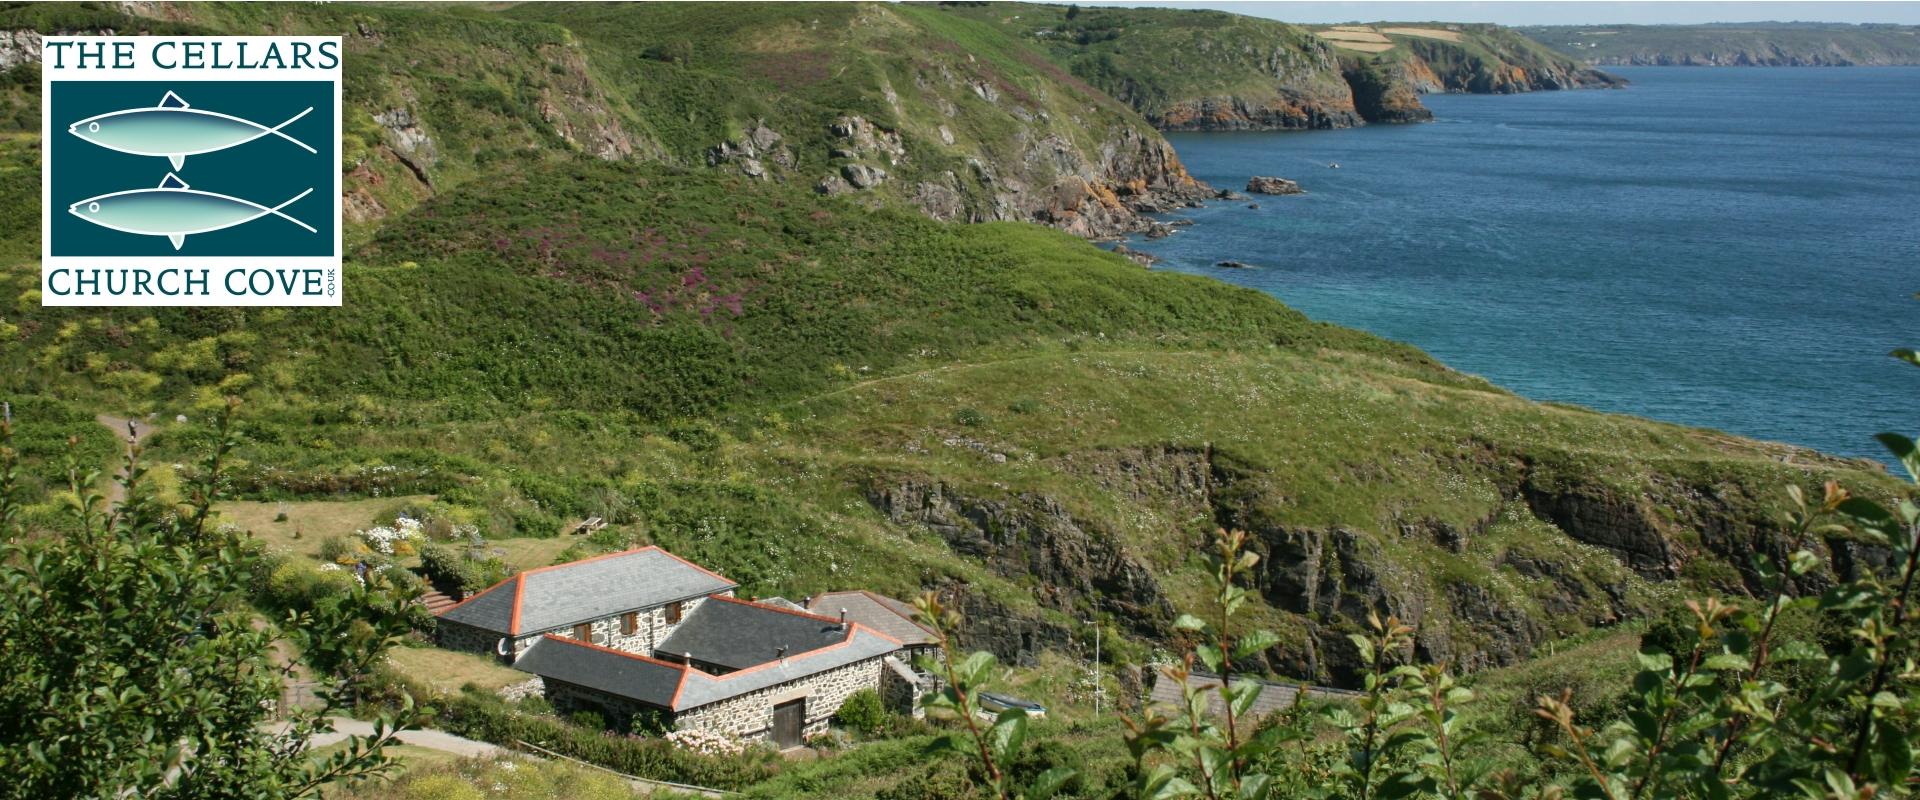 The Cellars, Church Cove, The Lizard, Cornwall